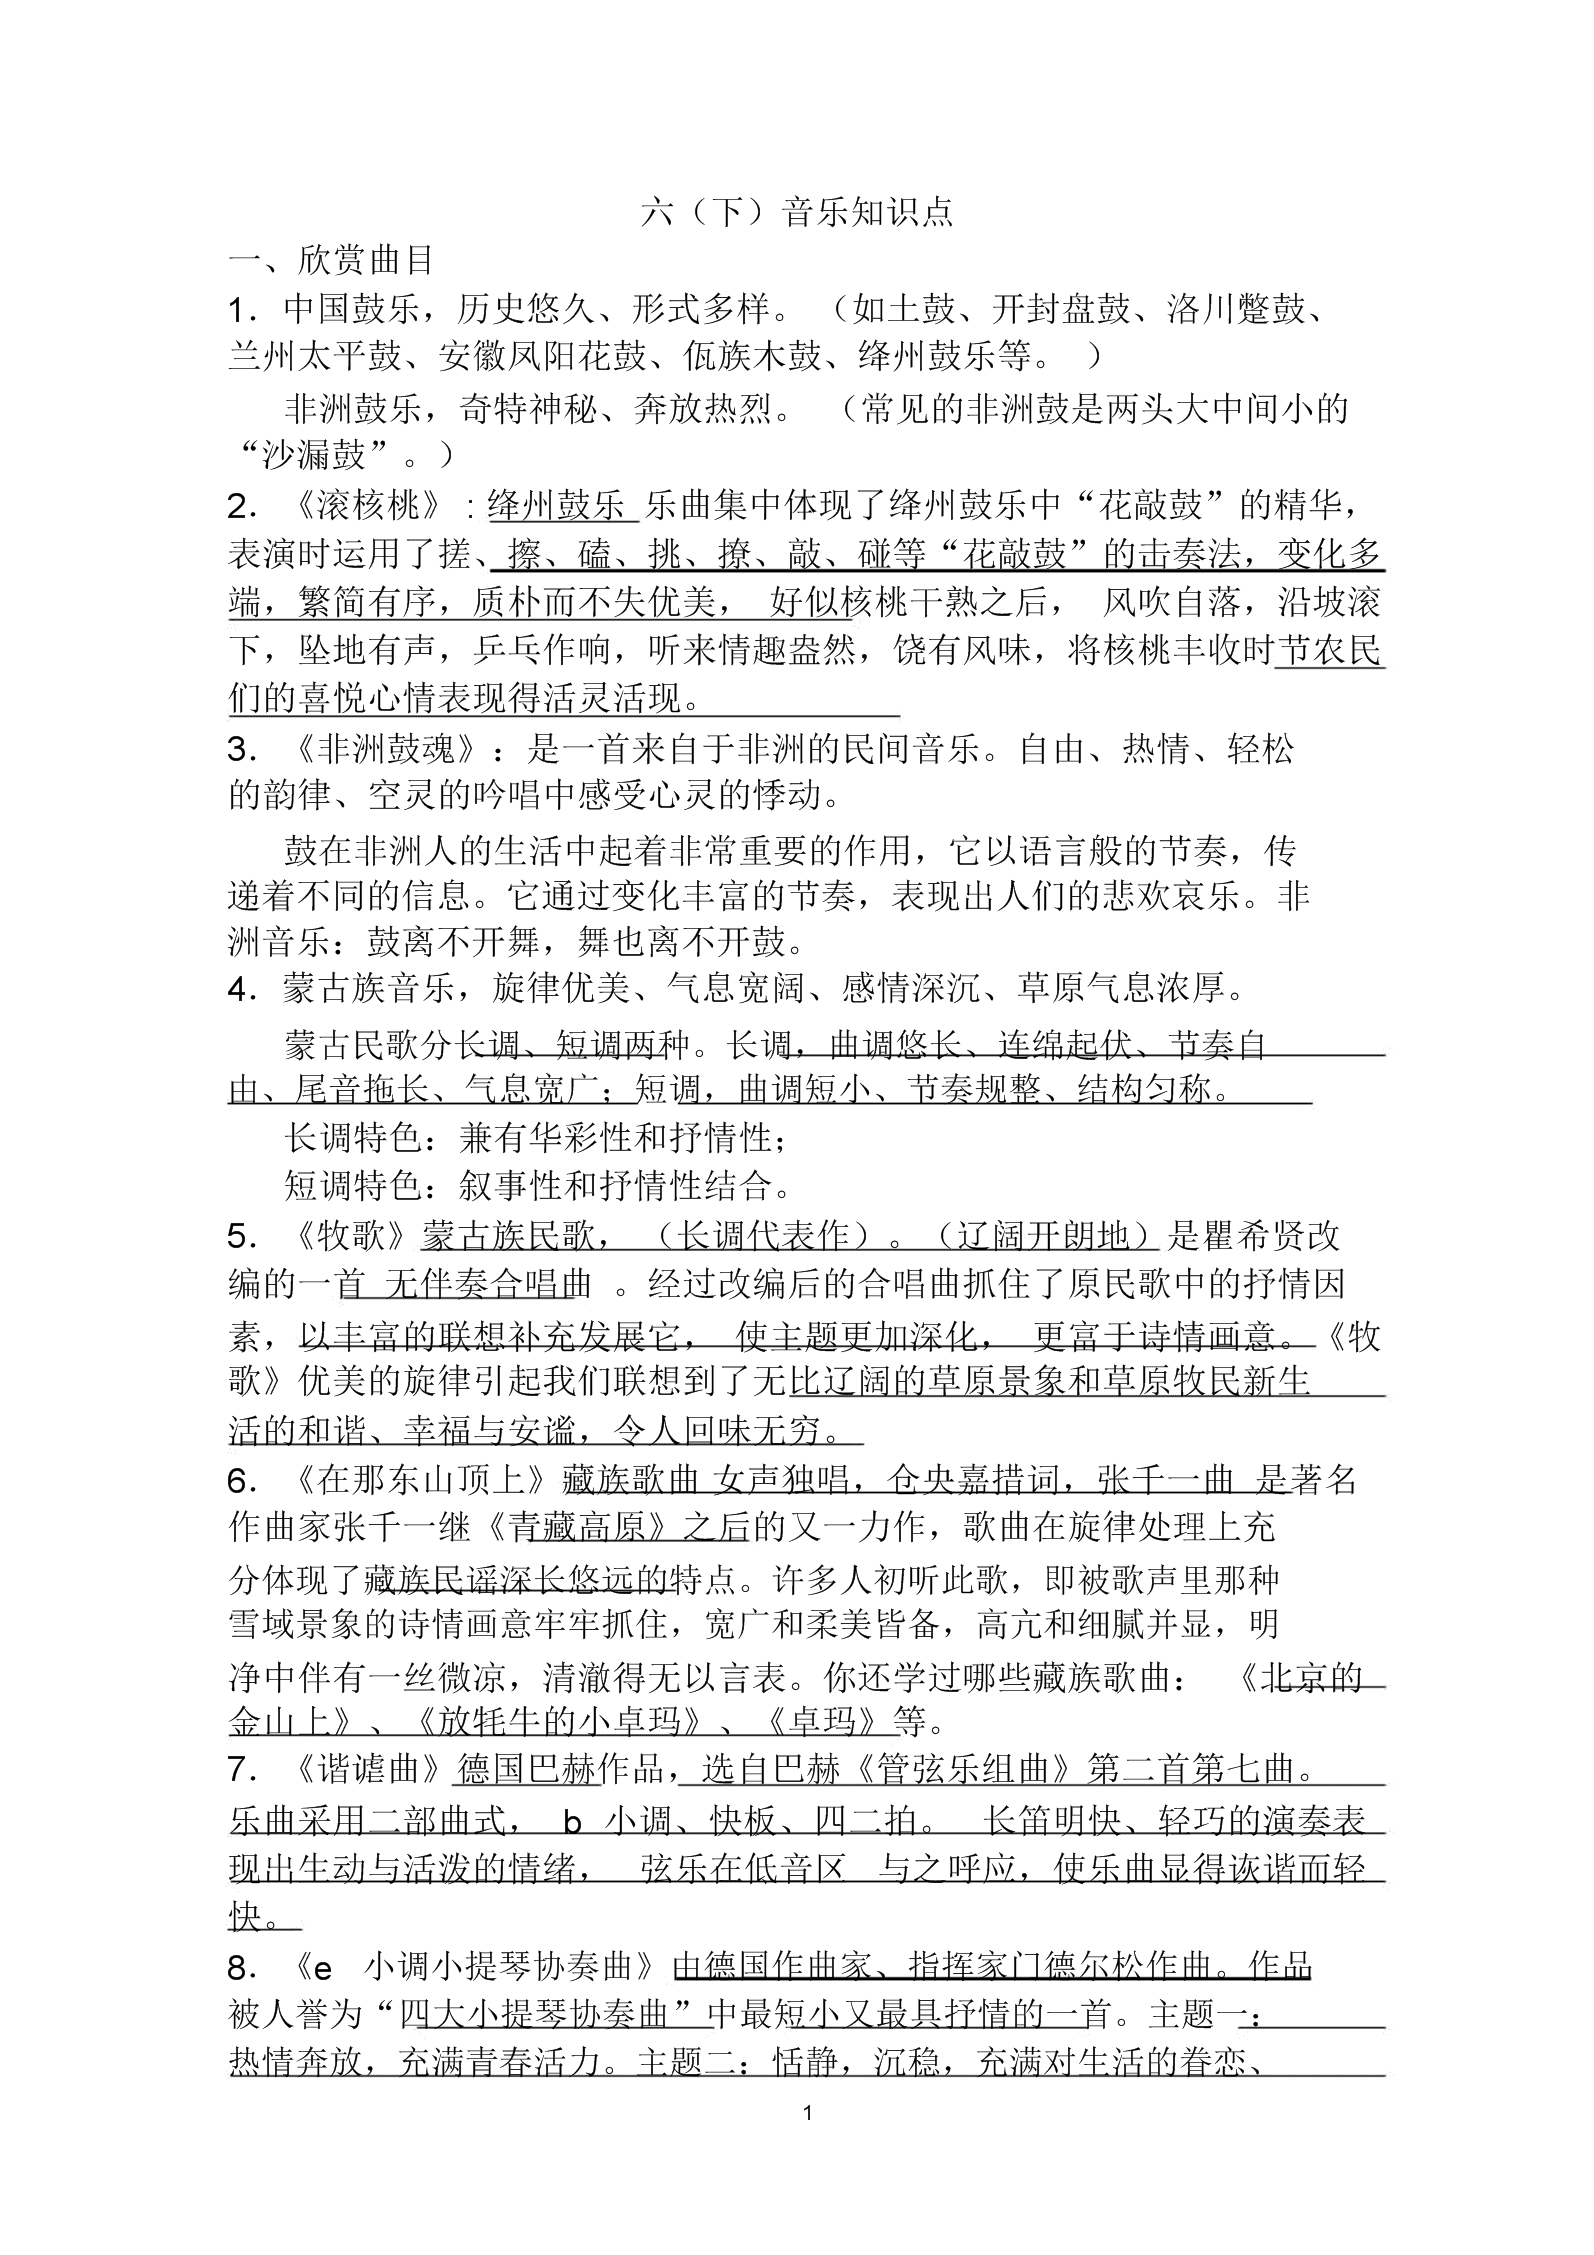 201705苏教版六年级音乐复习知识点(吐血推荐).docx